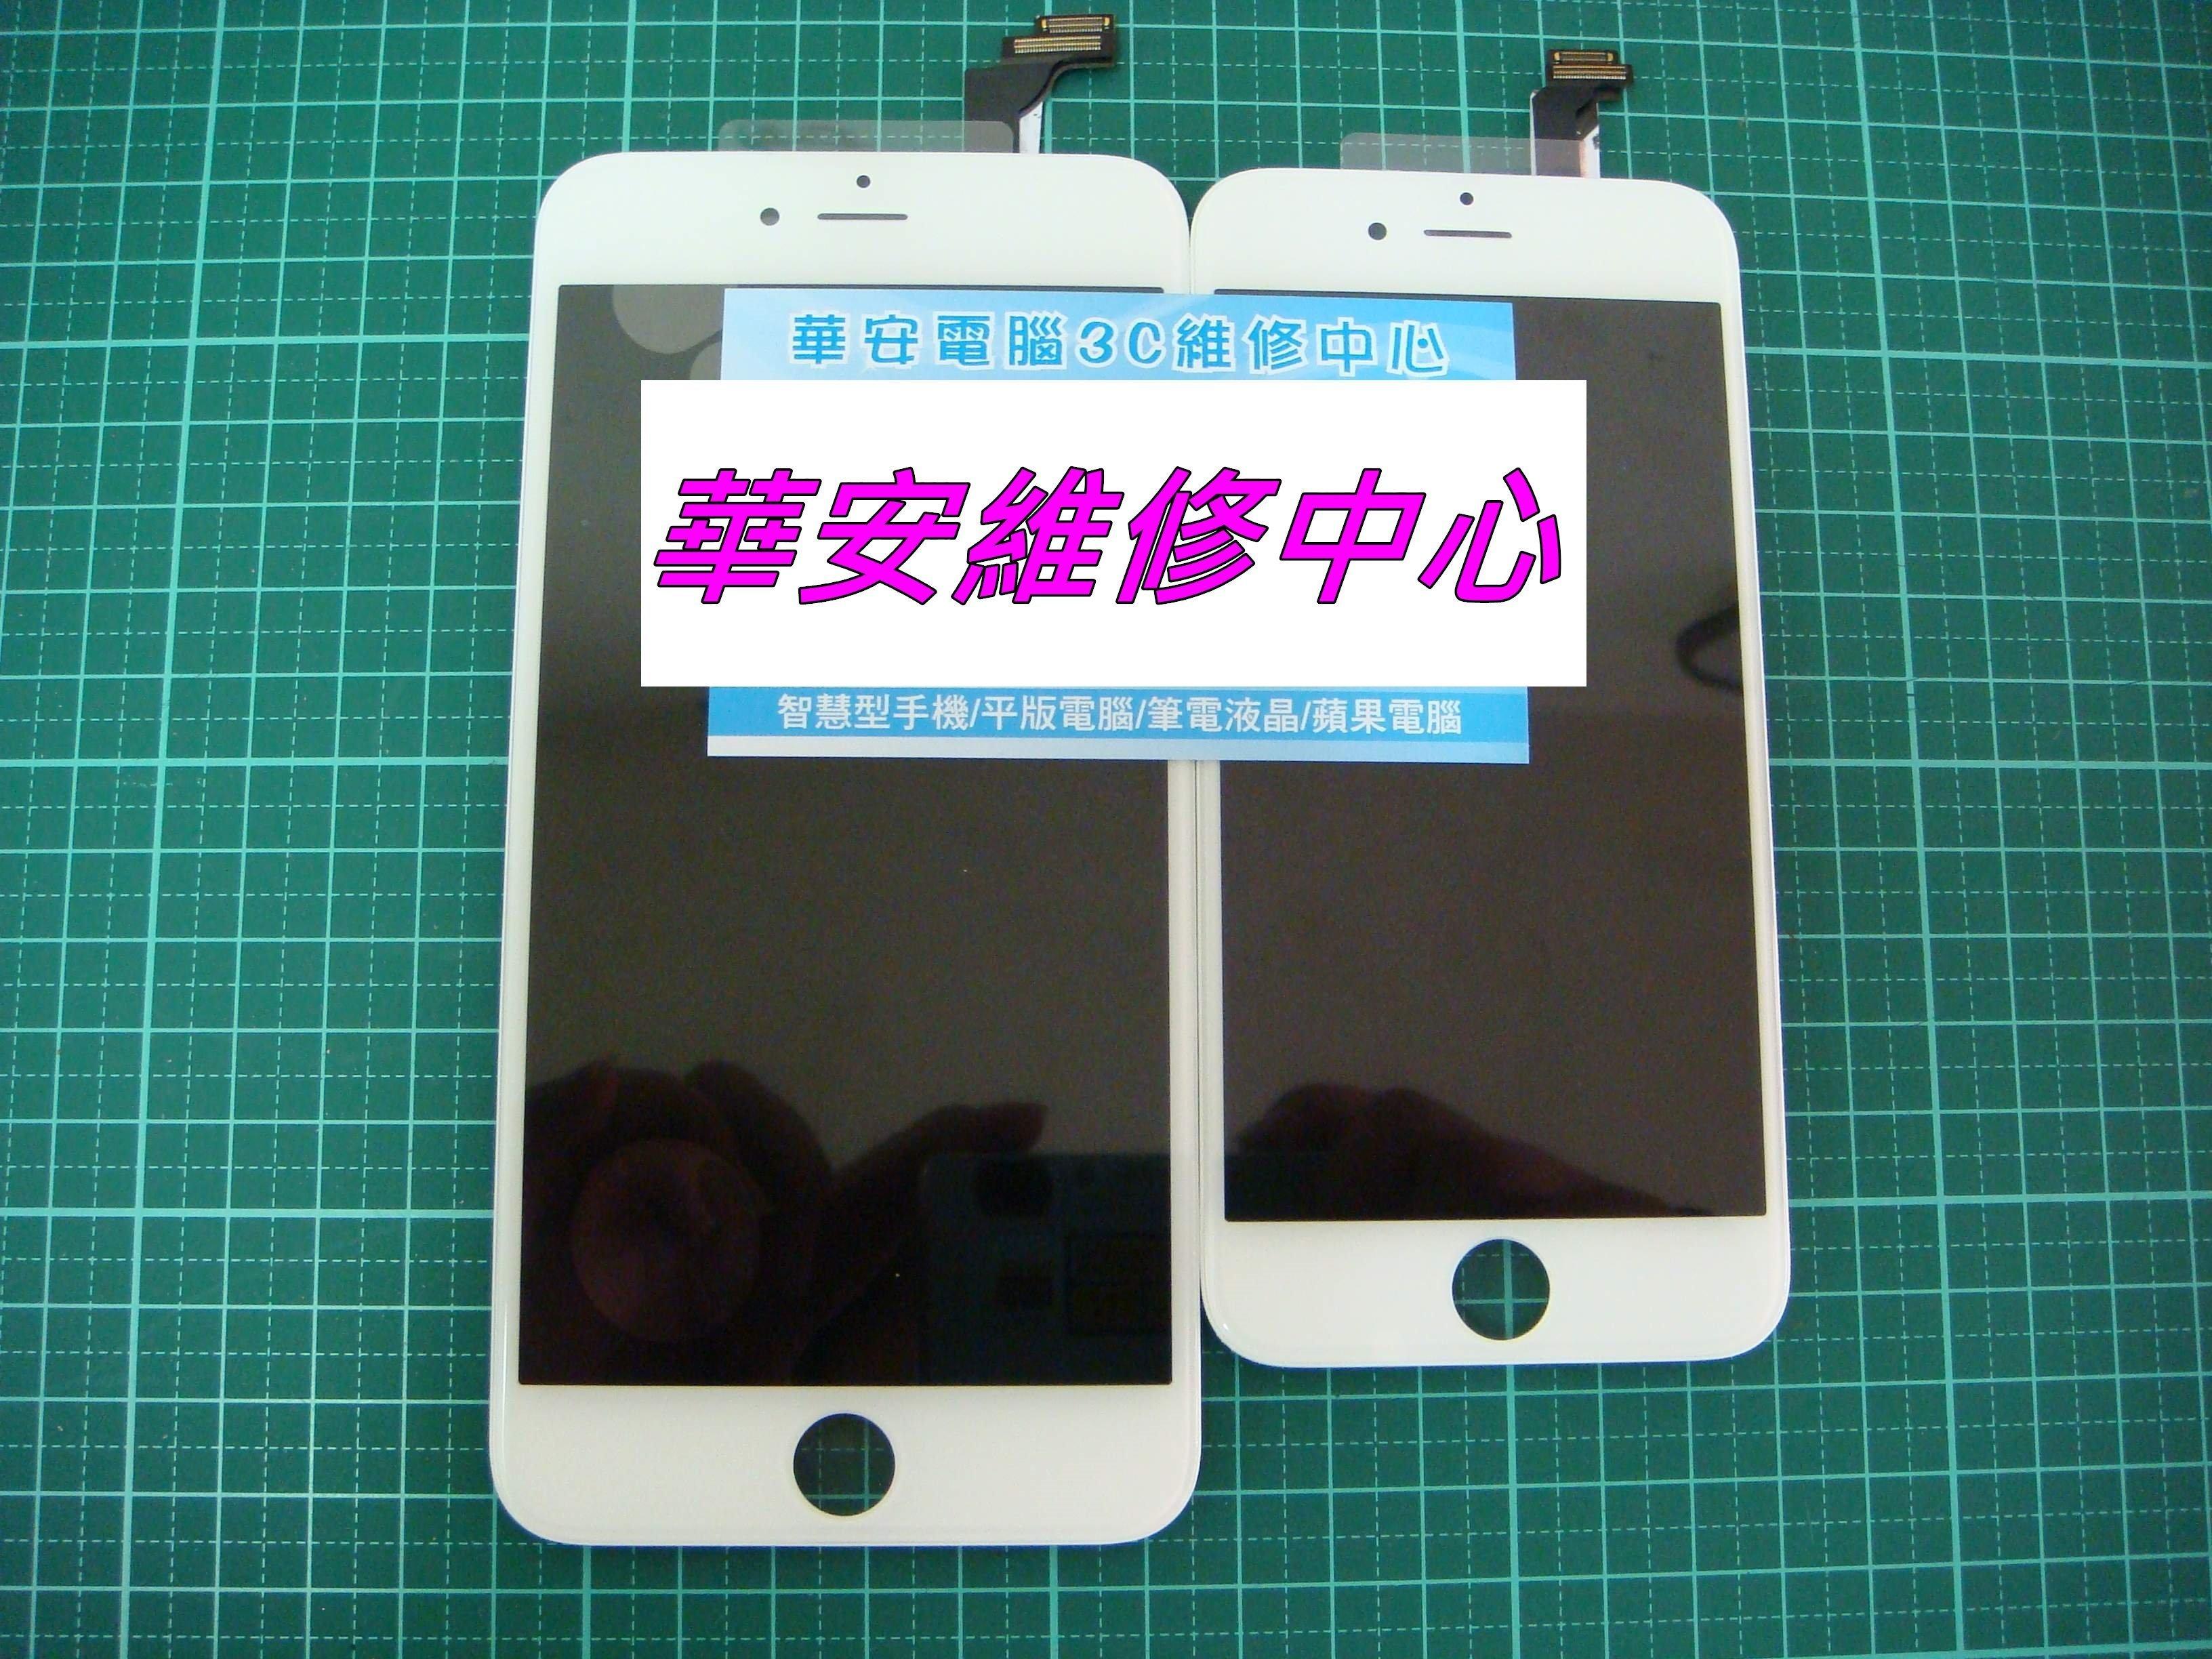 維修IPHONE6S iPhone 7/7 Plus i7+ 螢幕總成 液晶螢幕更換 換面板 無法顯示 黑屏 面板破裂